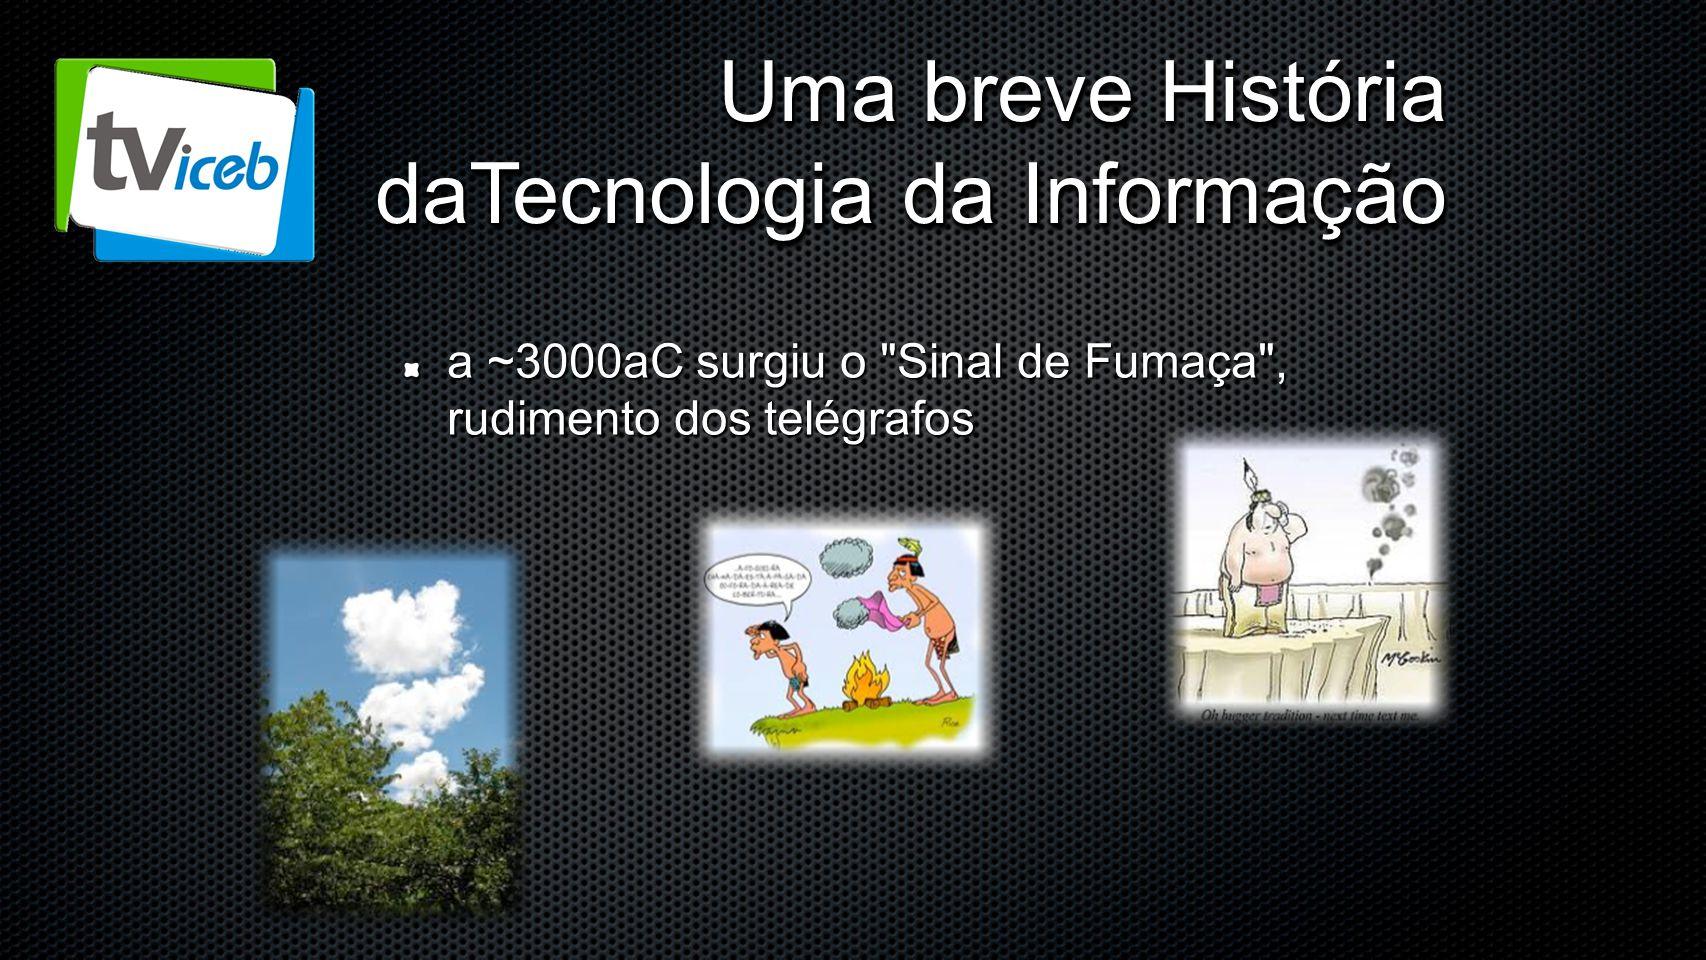 Uma breve História daTecnologia da Informação